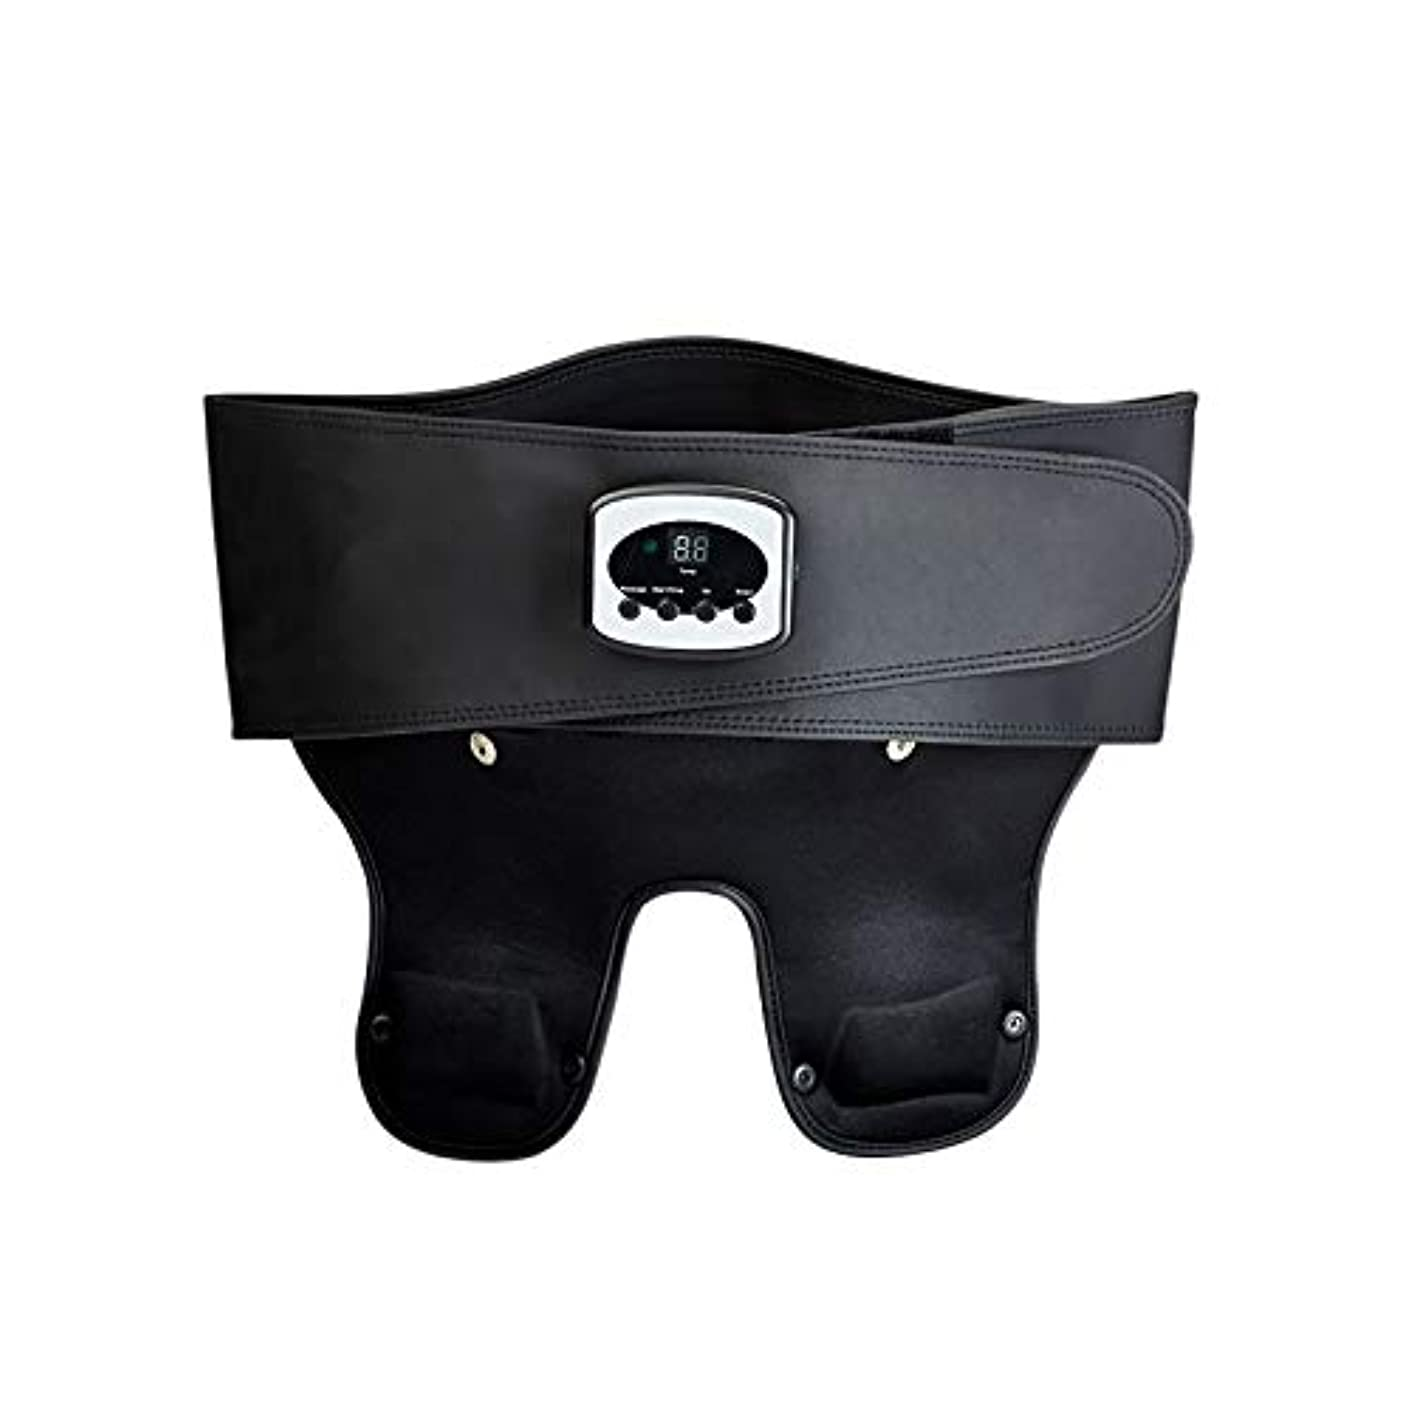 妻契約するセラフHealthy Waist Massager - Heat Conductor, Infrared Lights, Vibration Massage, Adjustable Temperature